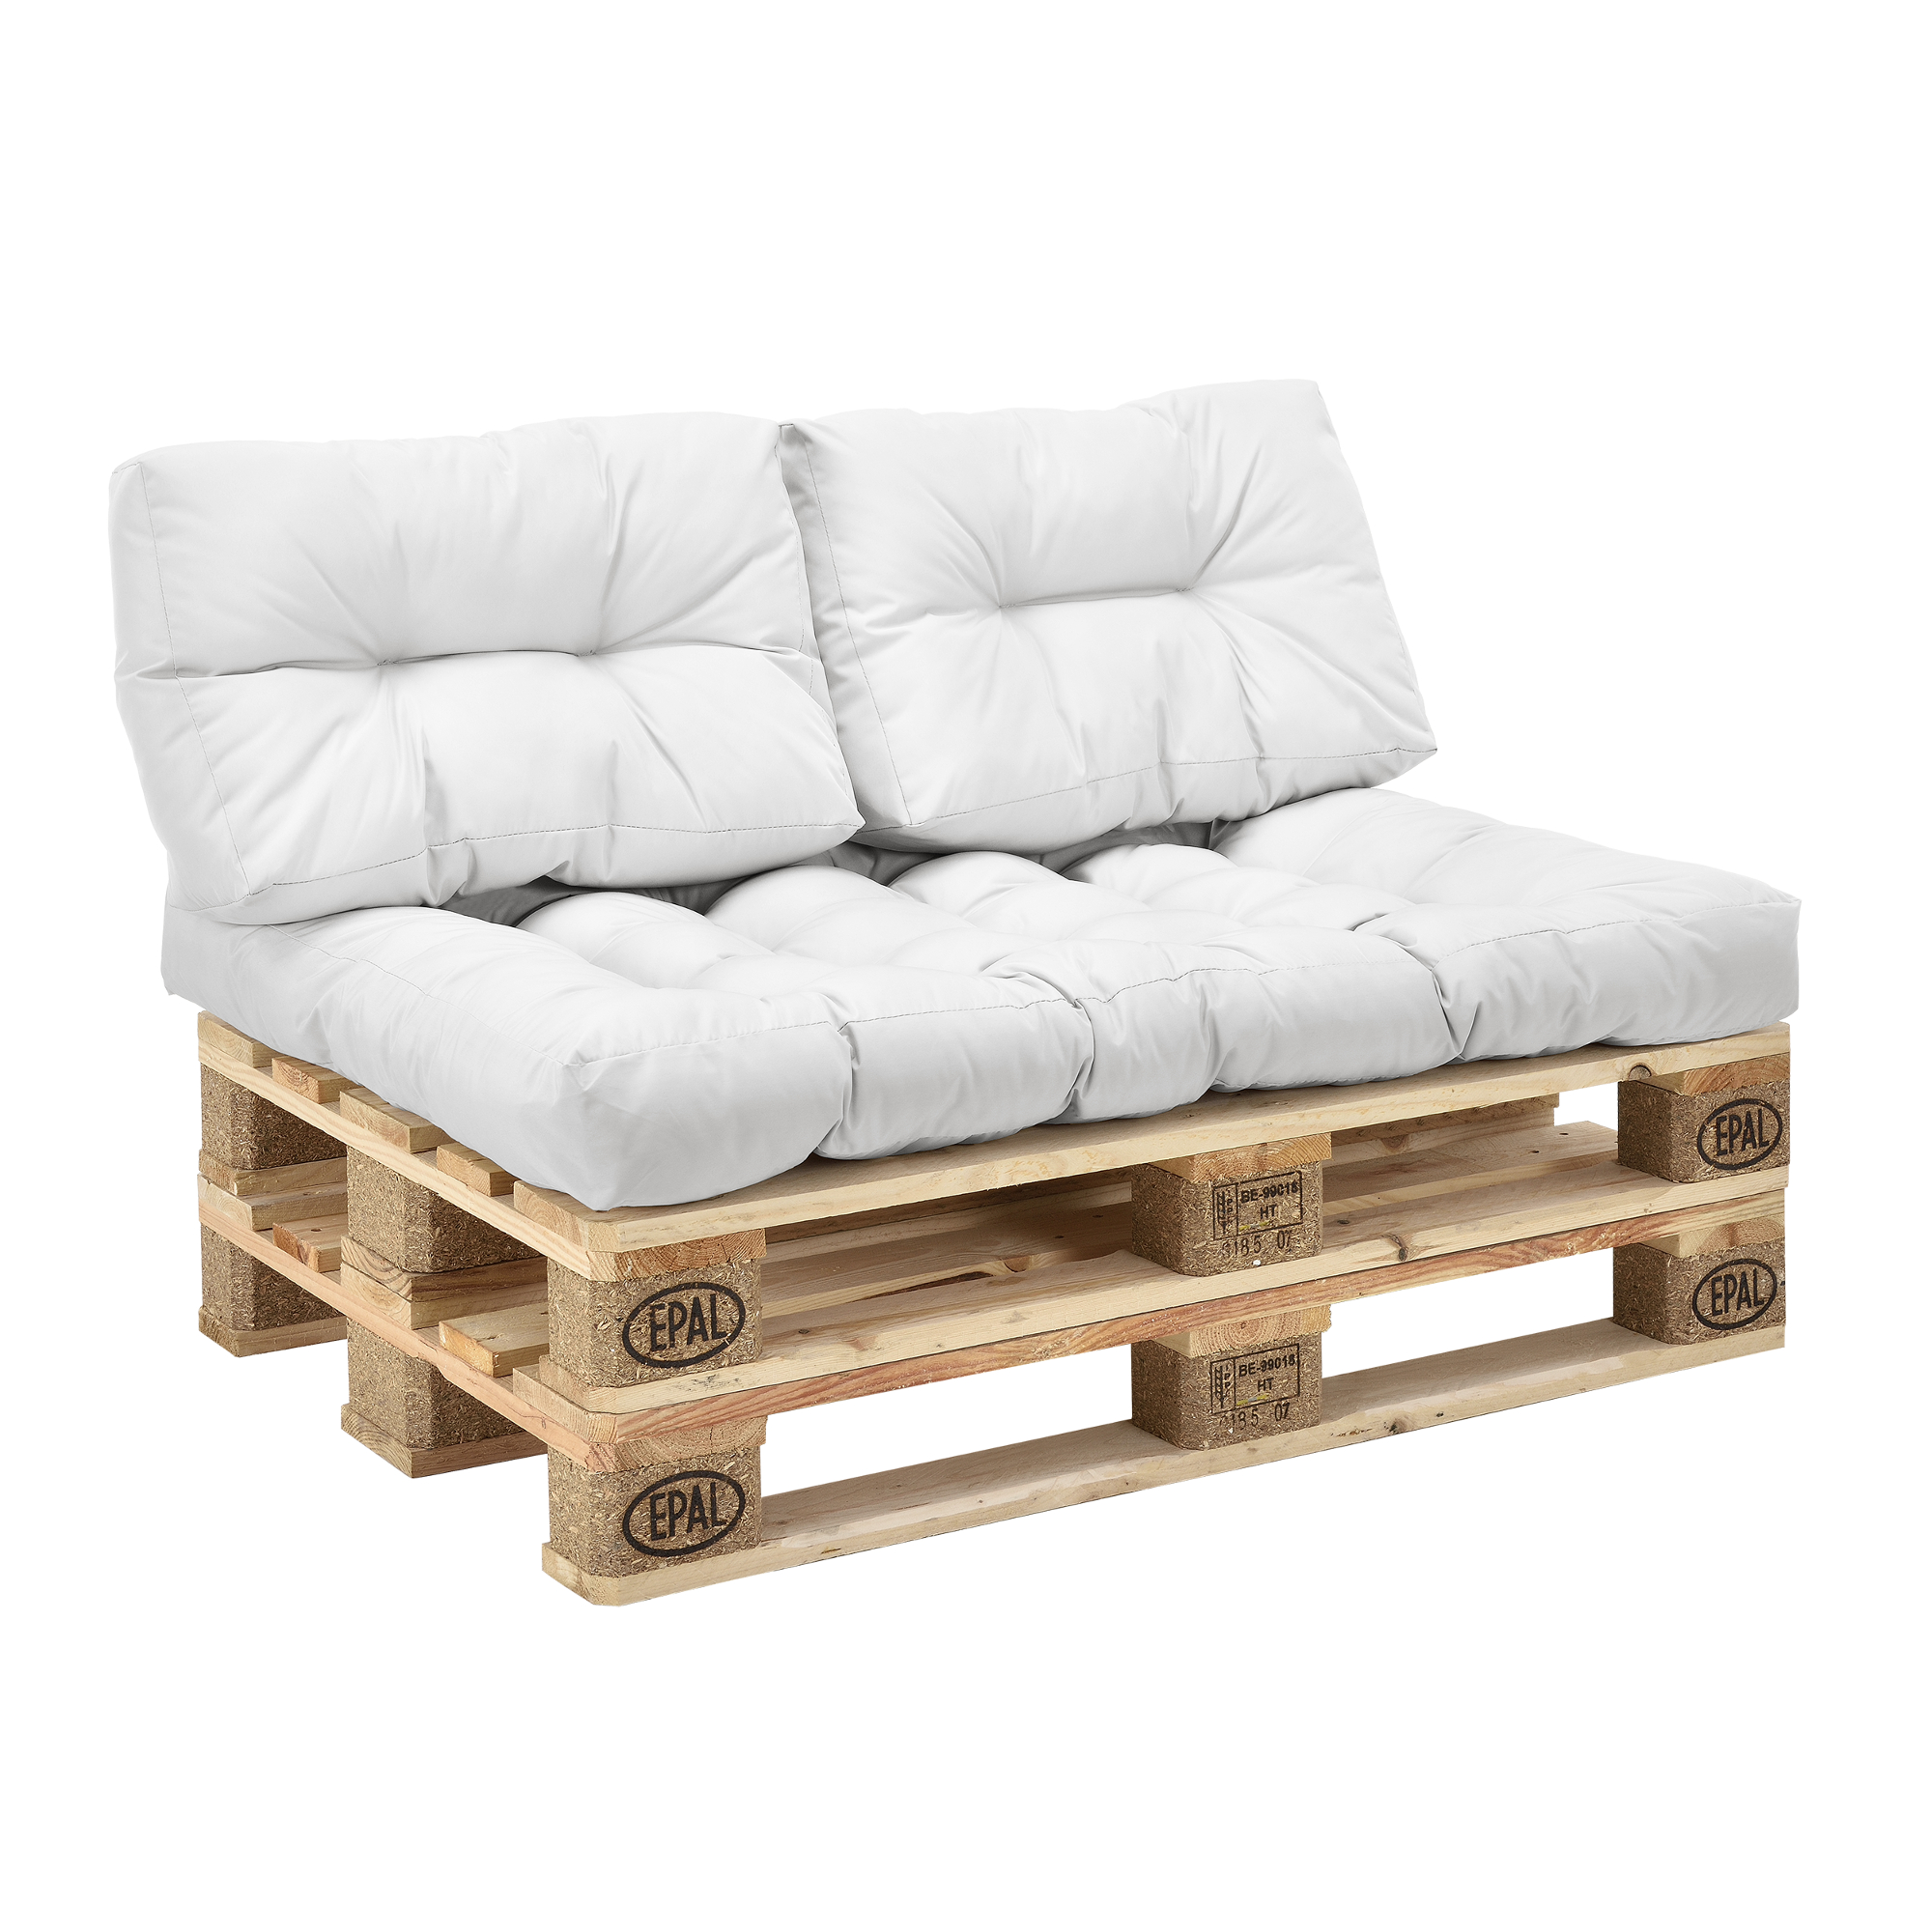 En.casa 3 Indoor Set de 3 En.casa cojines para sofá-palé de asiento y respaldo blancos ca88cb